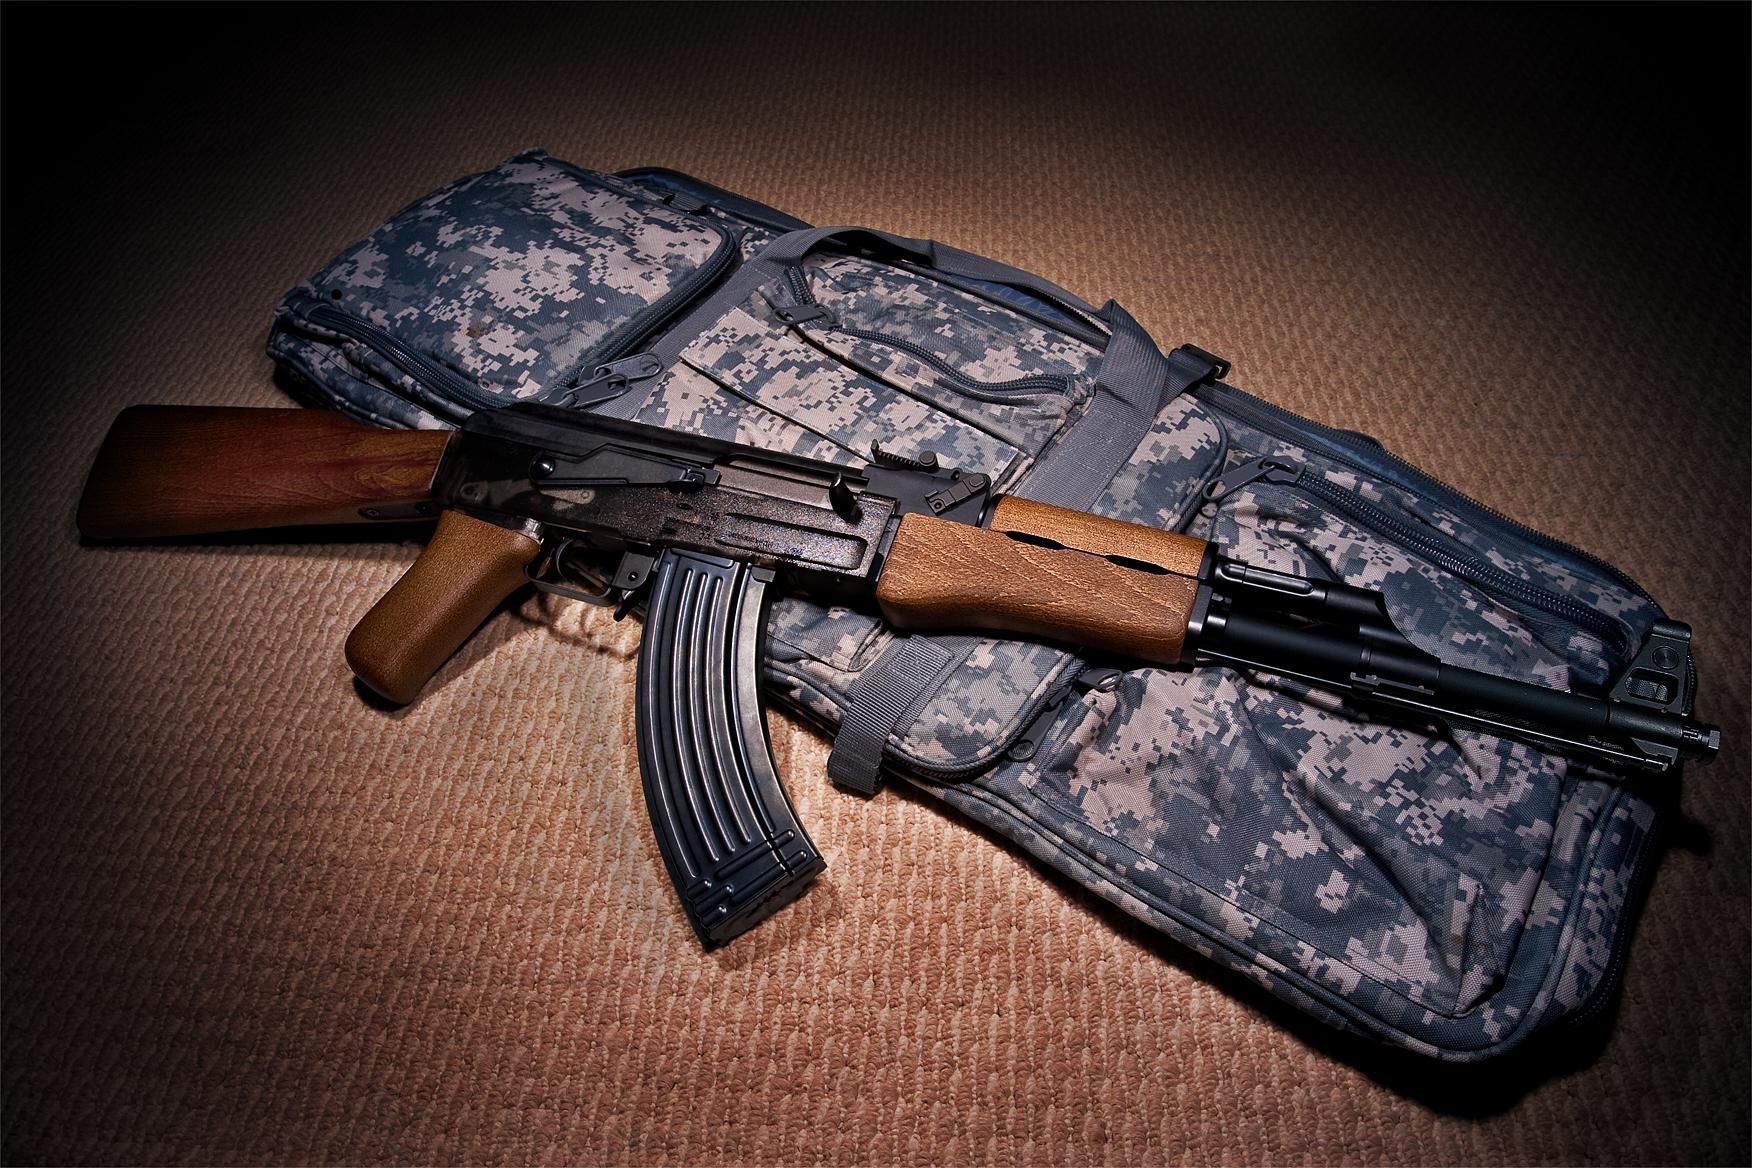 File:AK-47 Assault Rifle.jpg - Wikimedia Commons